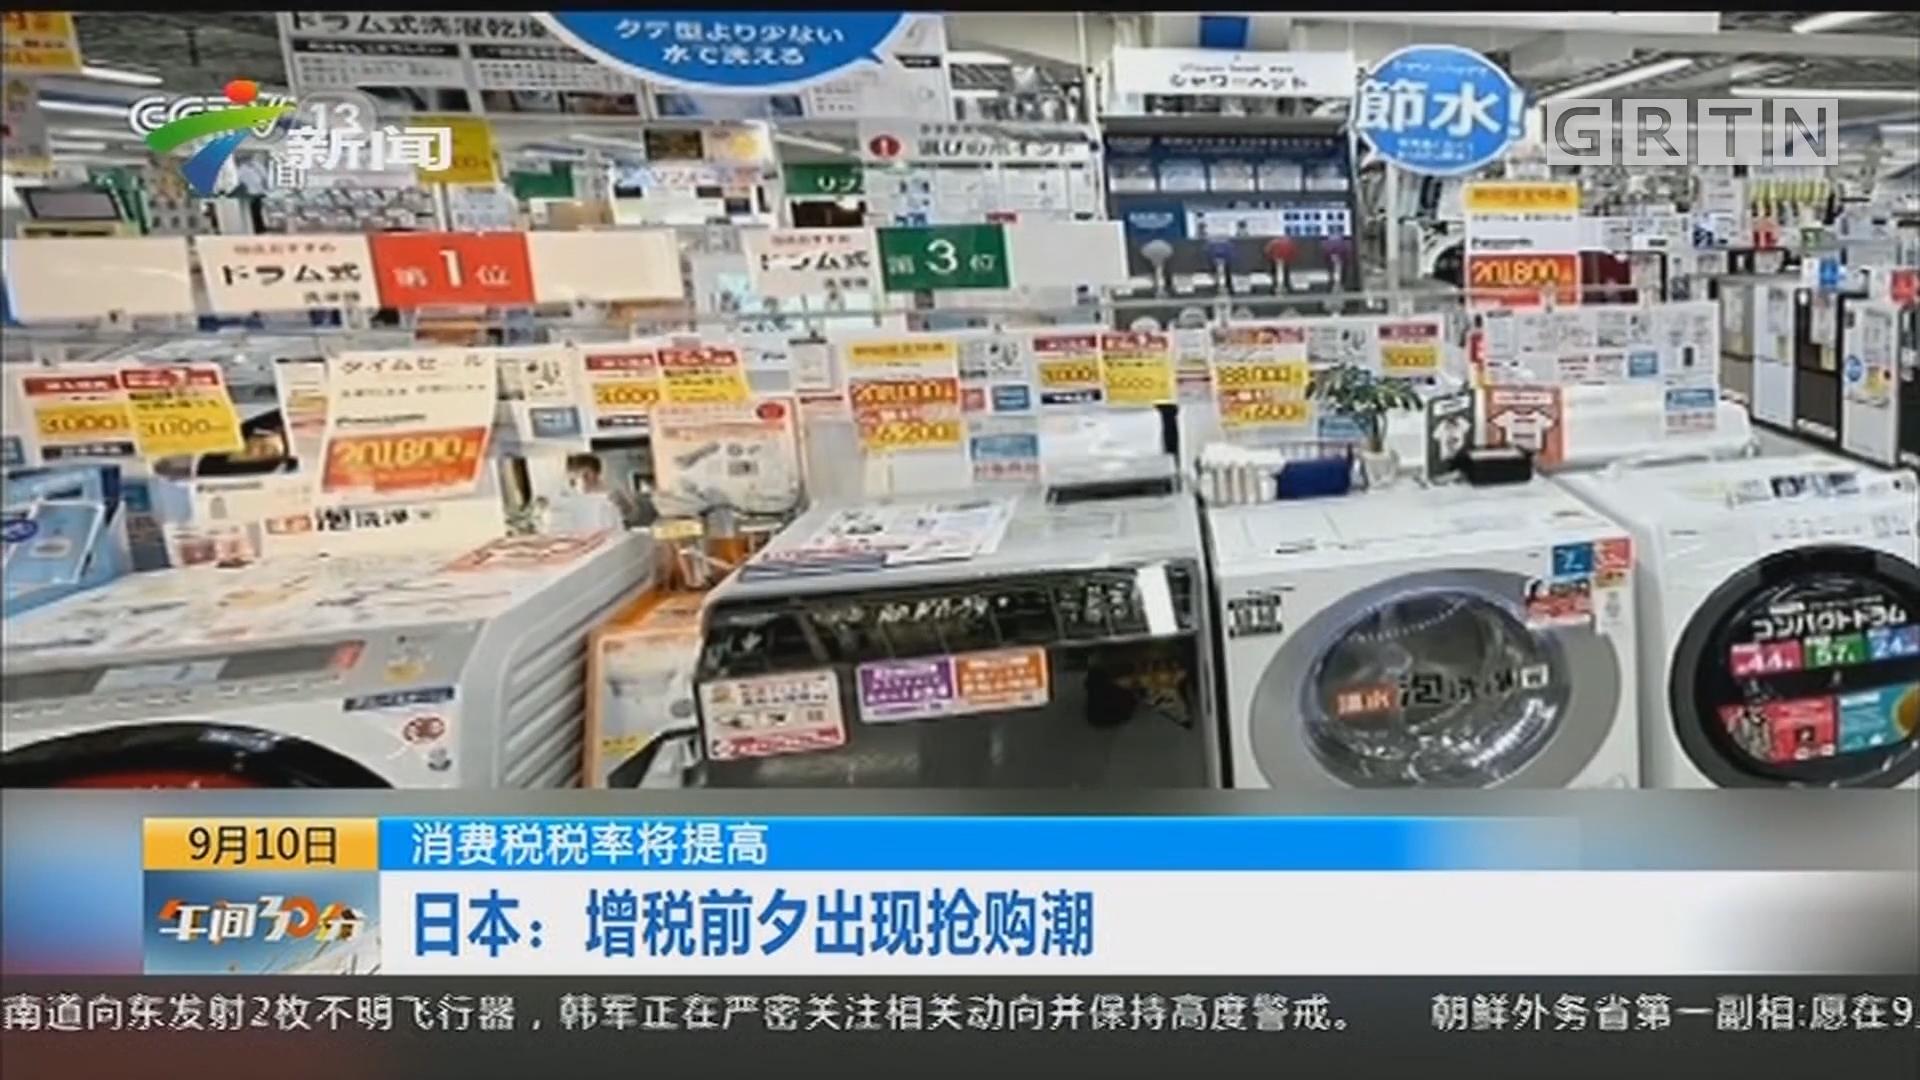 消费税税率将提高 日本:增税前夕出现抢购潮